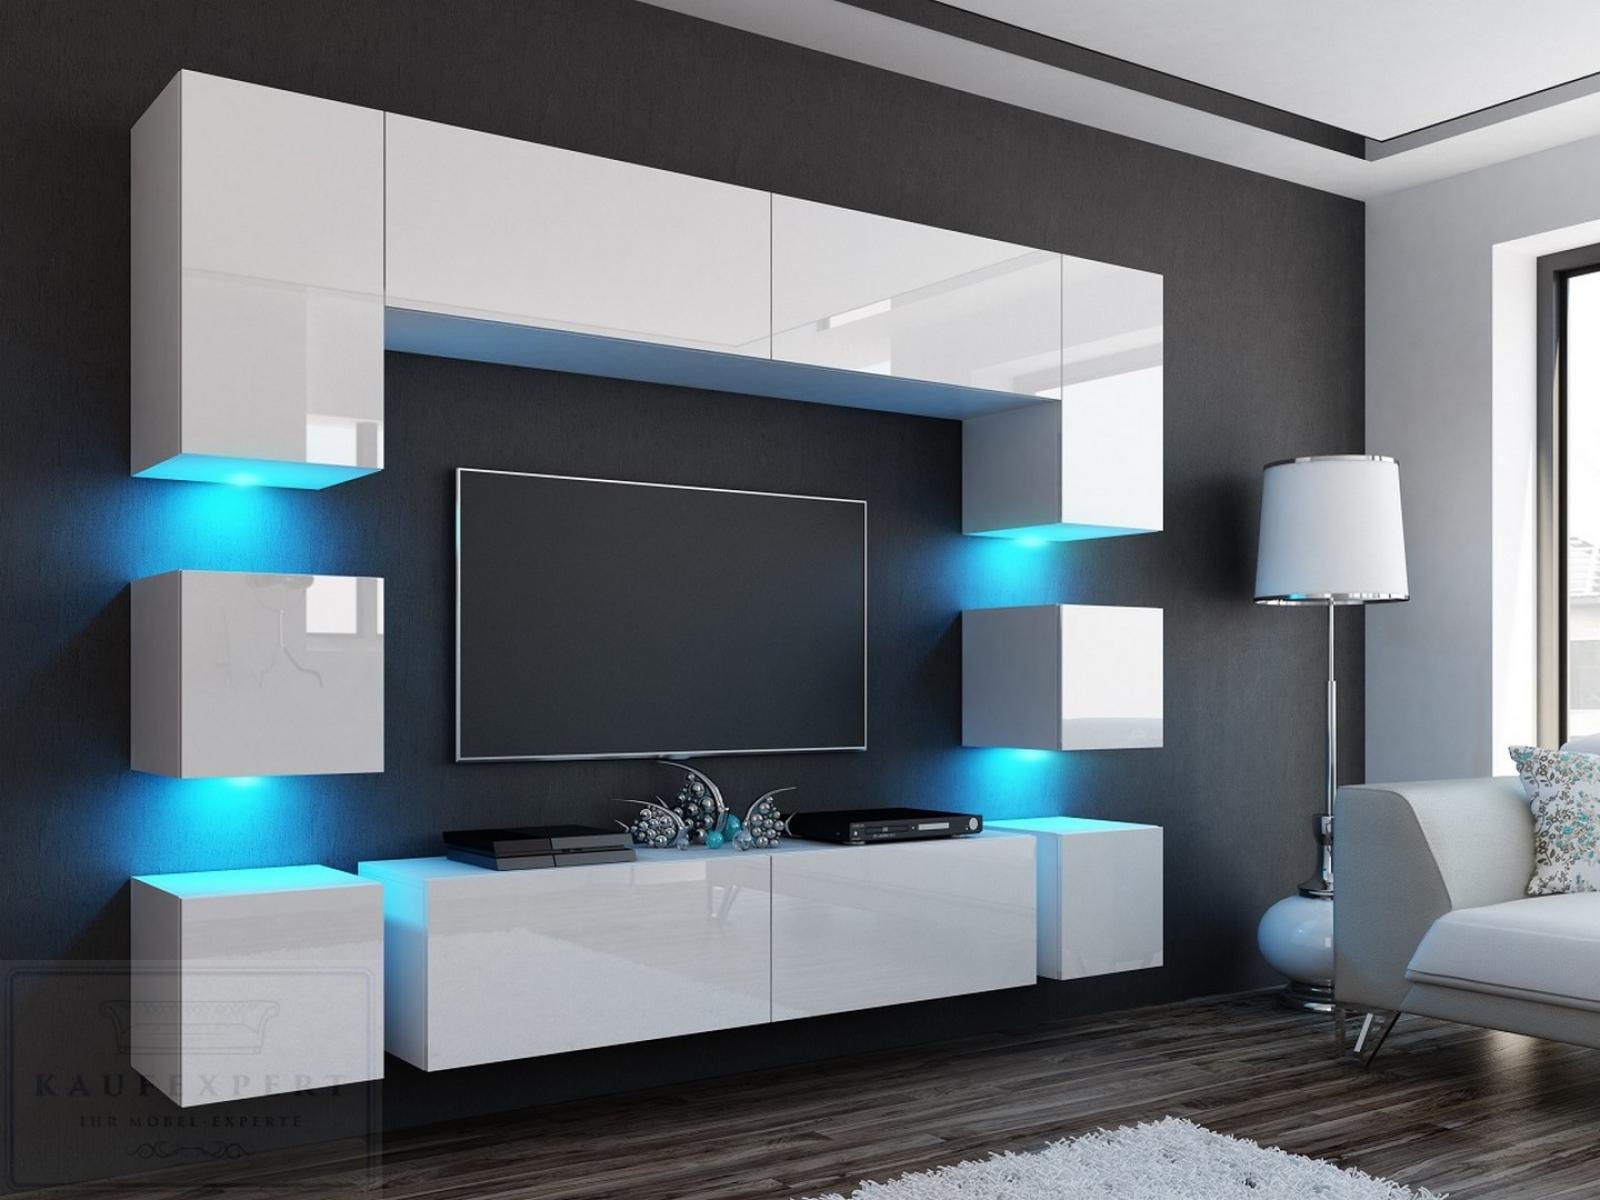 wohnwand modern wei hochglanz. Black Bedroom Furniture Sets. Home Design Ideas